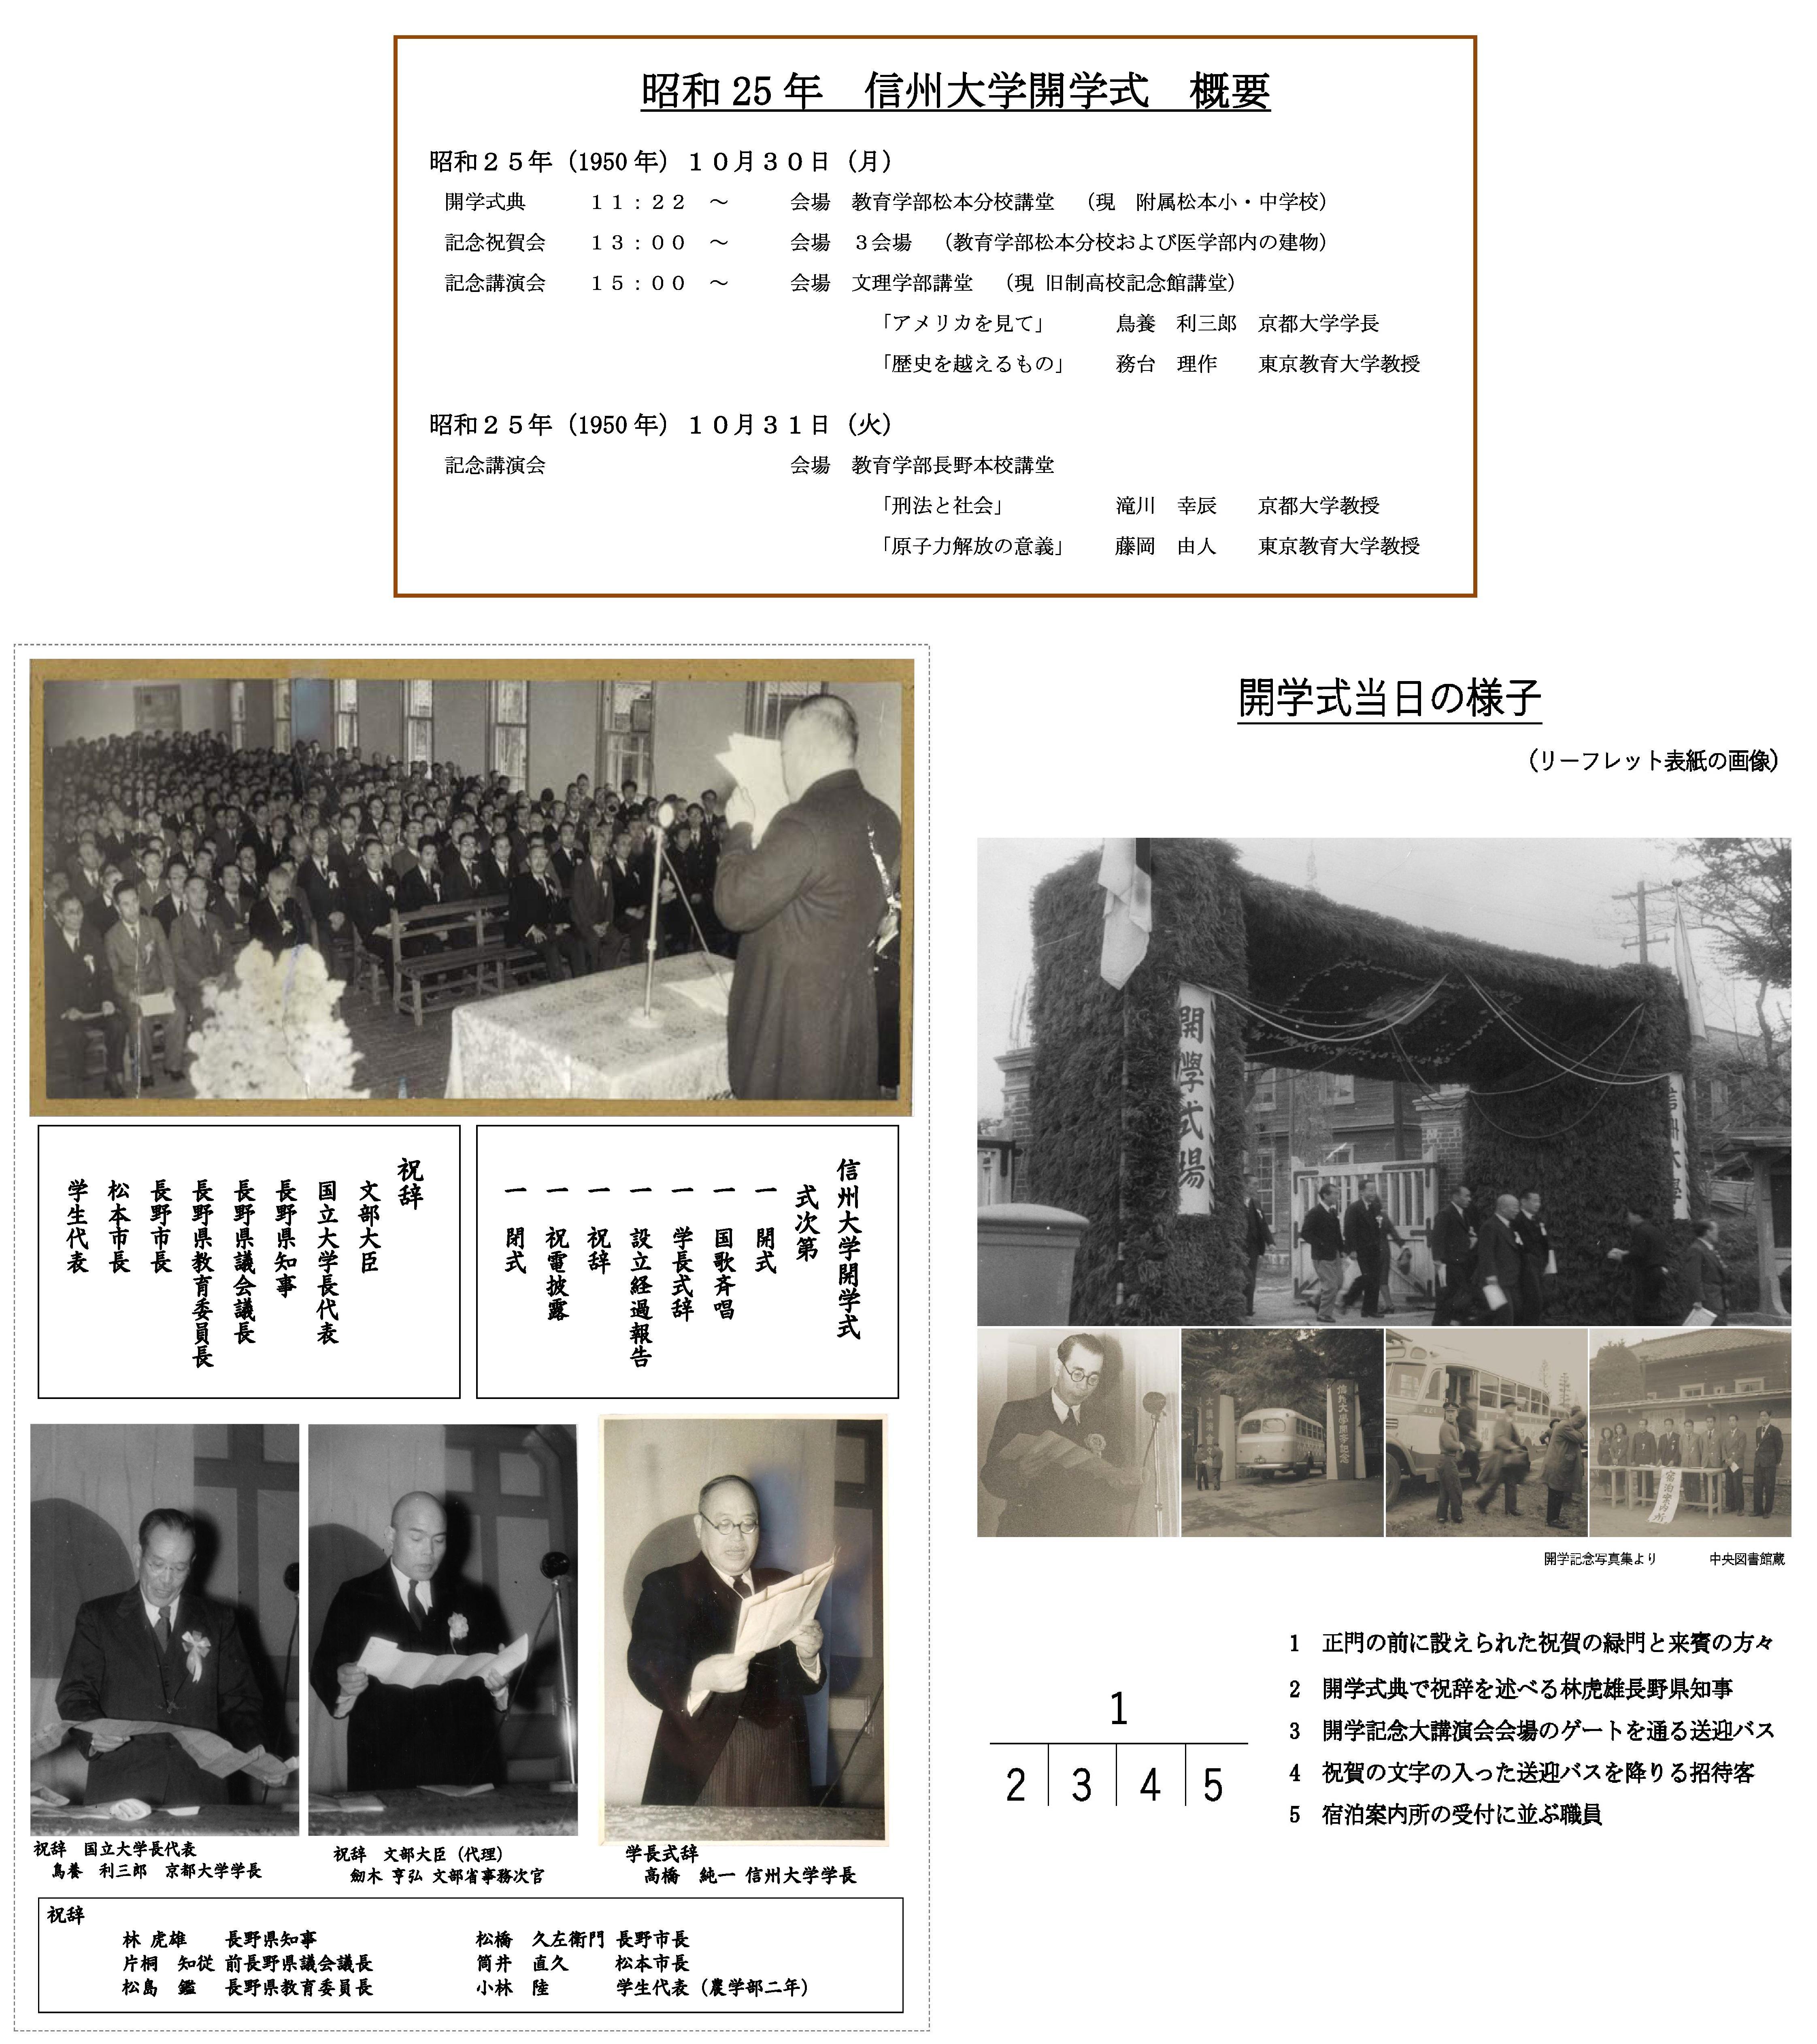 kaigakushiki-20190328.jpg